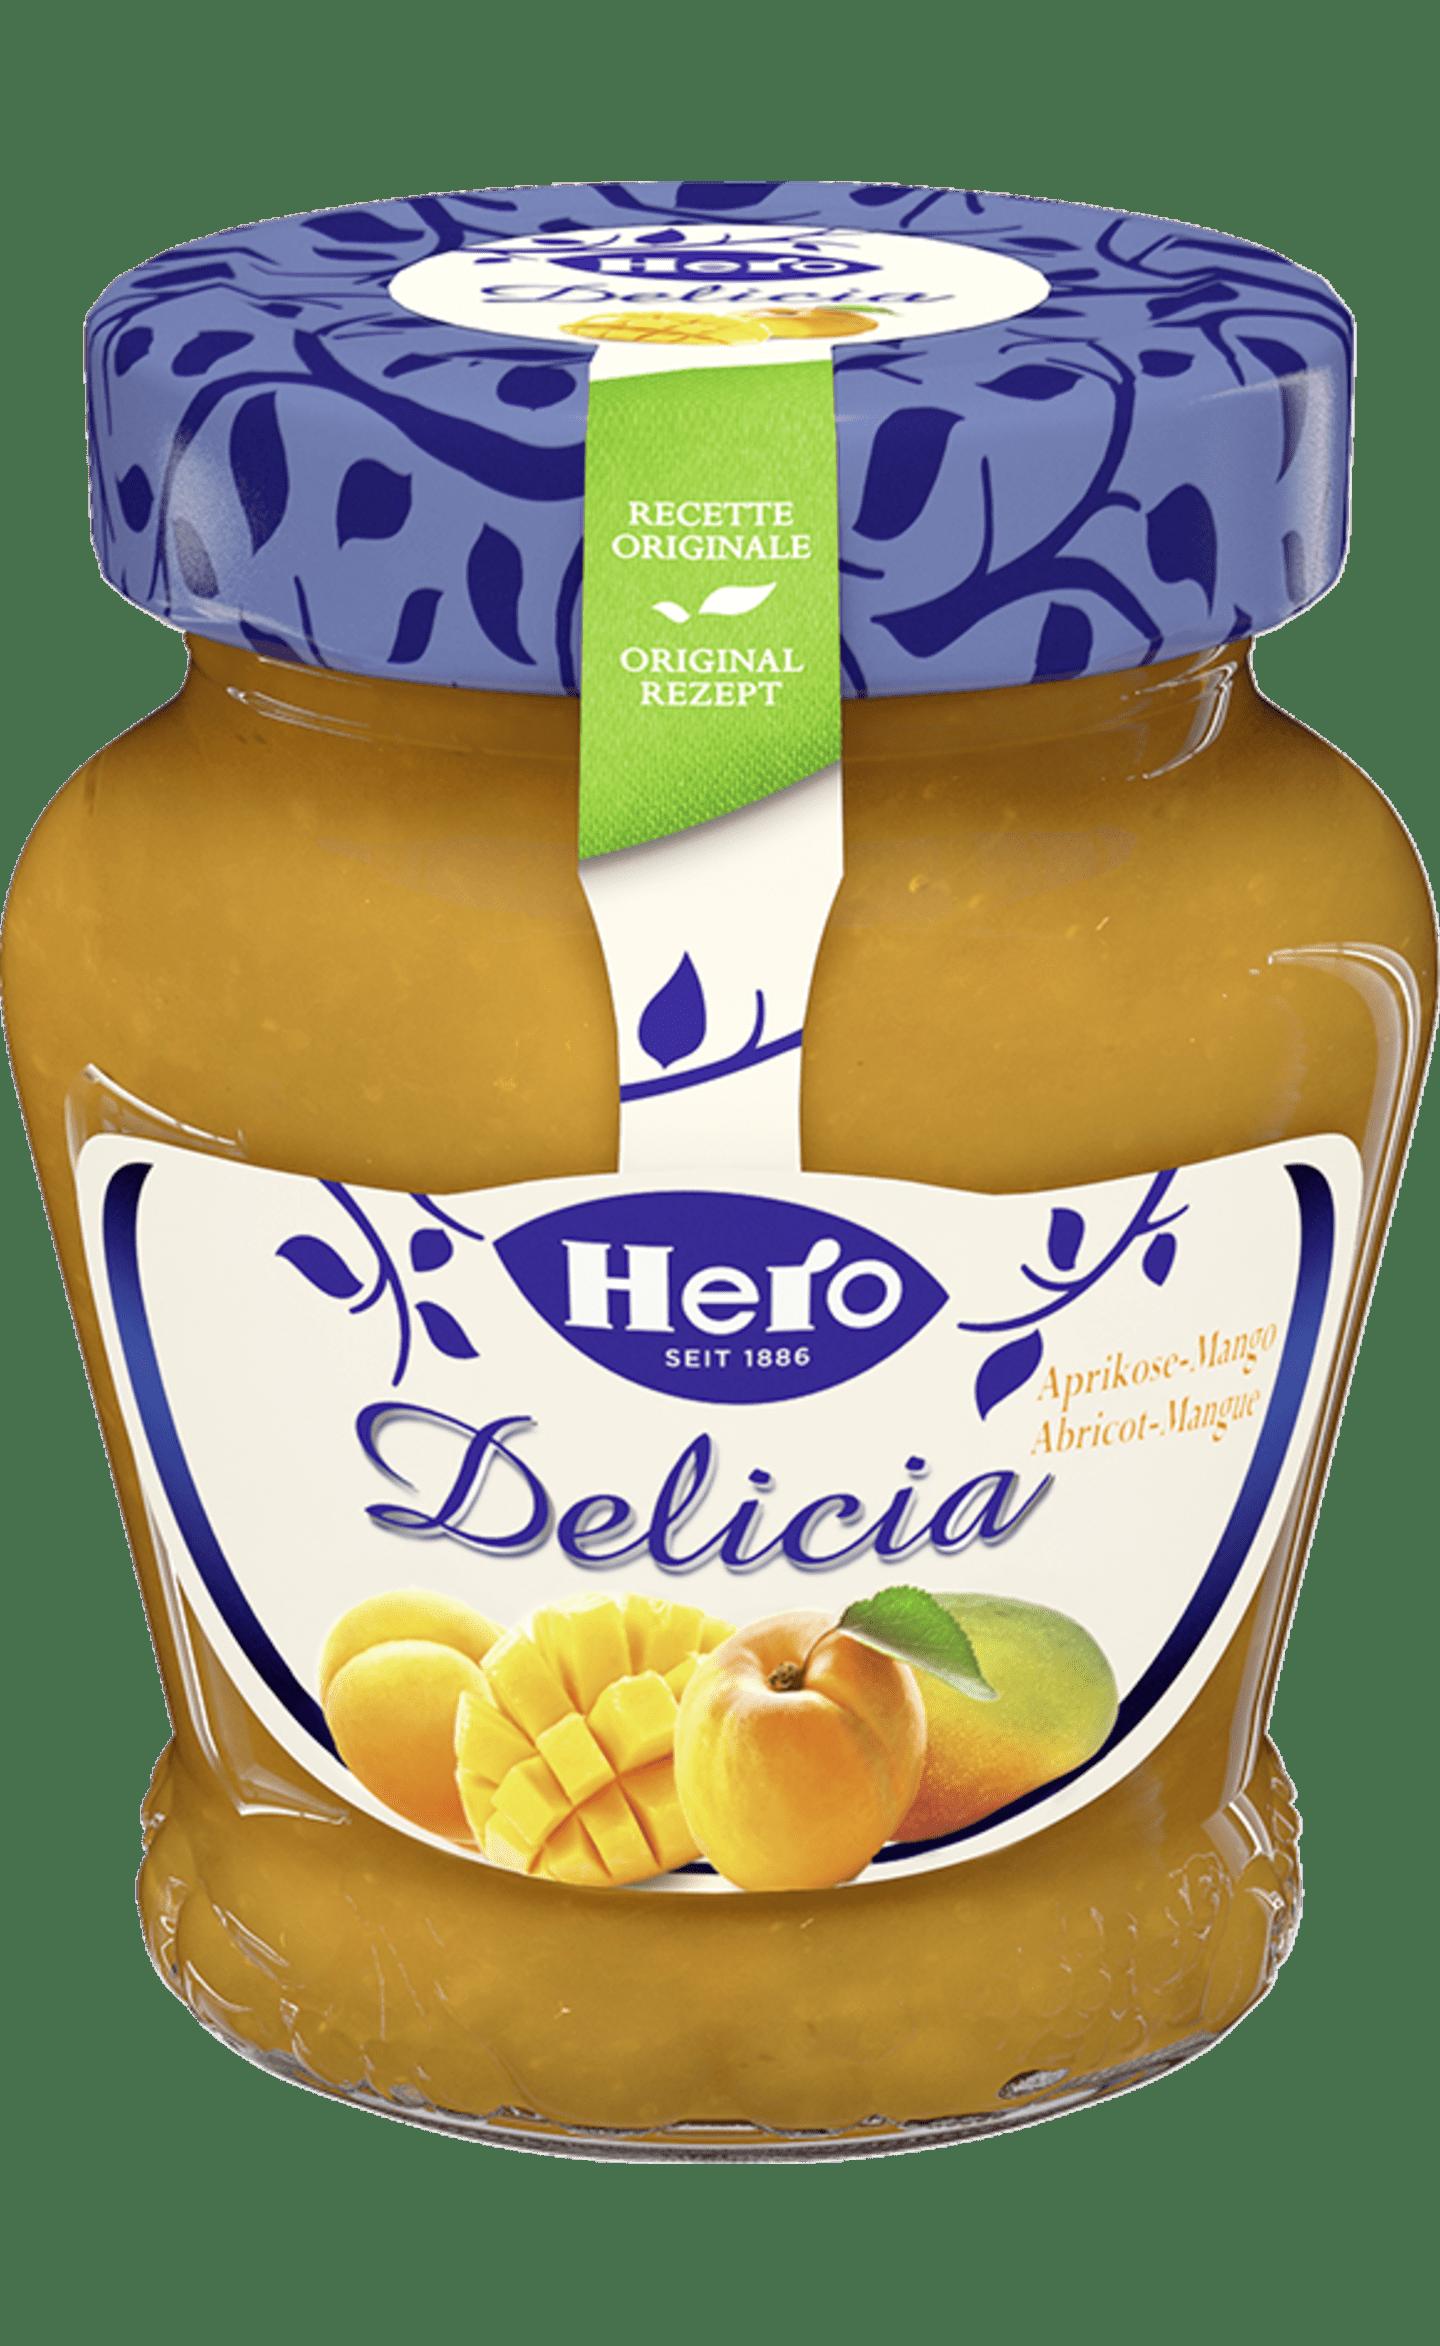 Hero Delicia Konfitüre | Aprikose-Mango